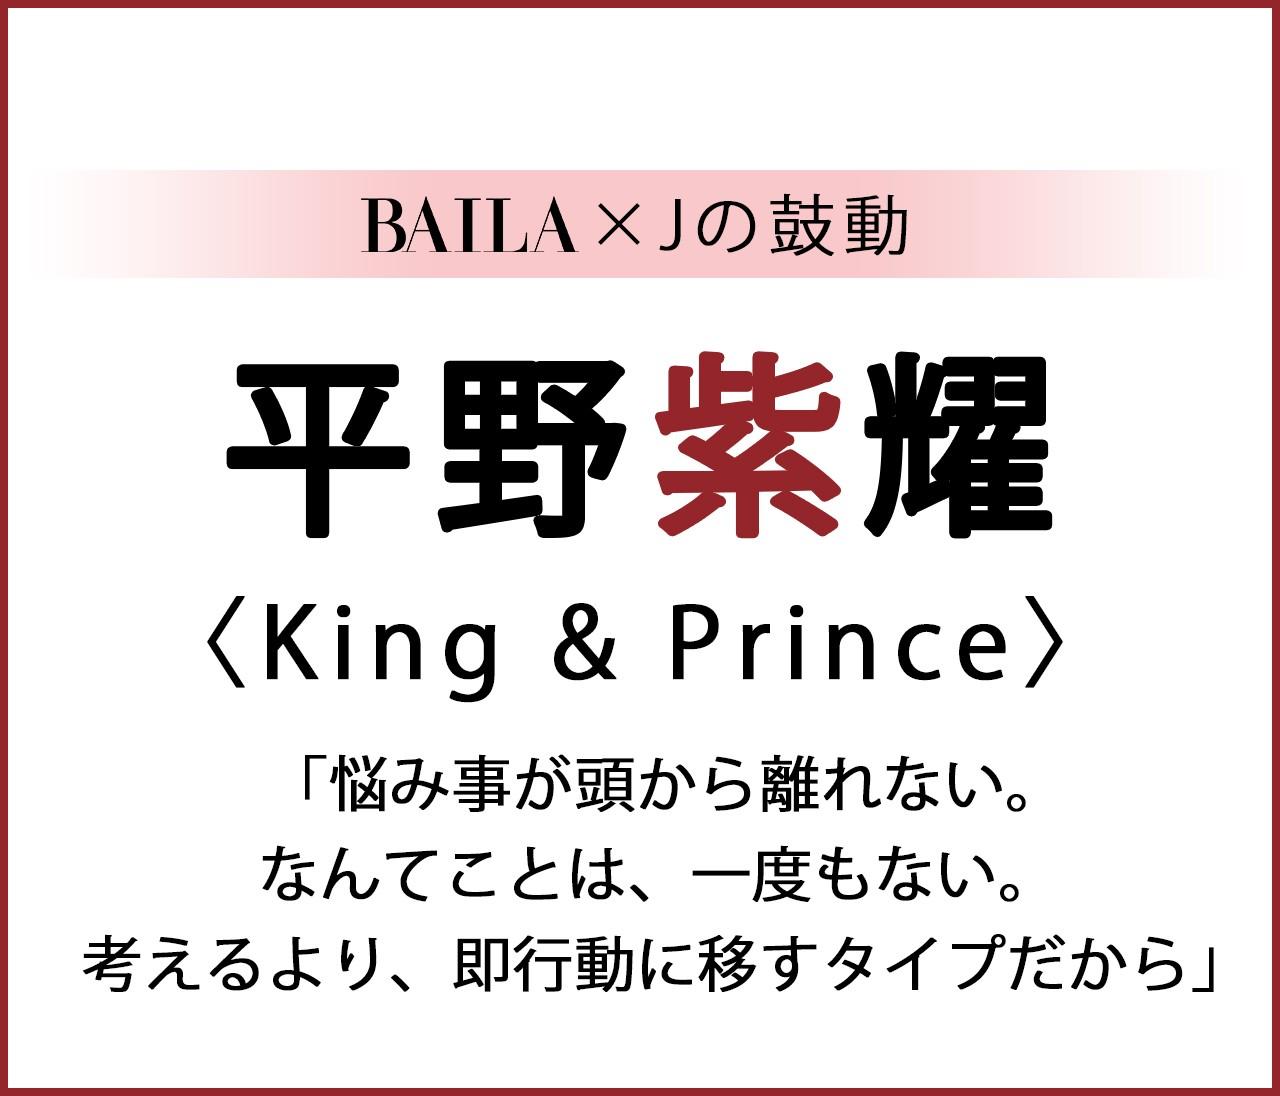 【 #King&Prince #平野紫耀 】King & Prince 平野紫耀スペシャルインタビュー《前編》【BAILA × Jの鼓動】